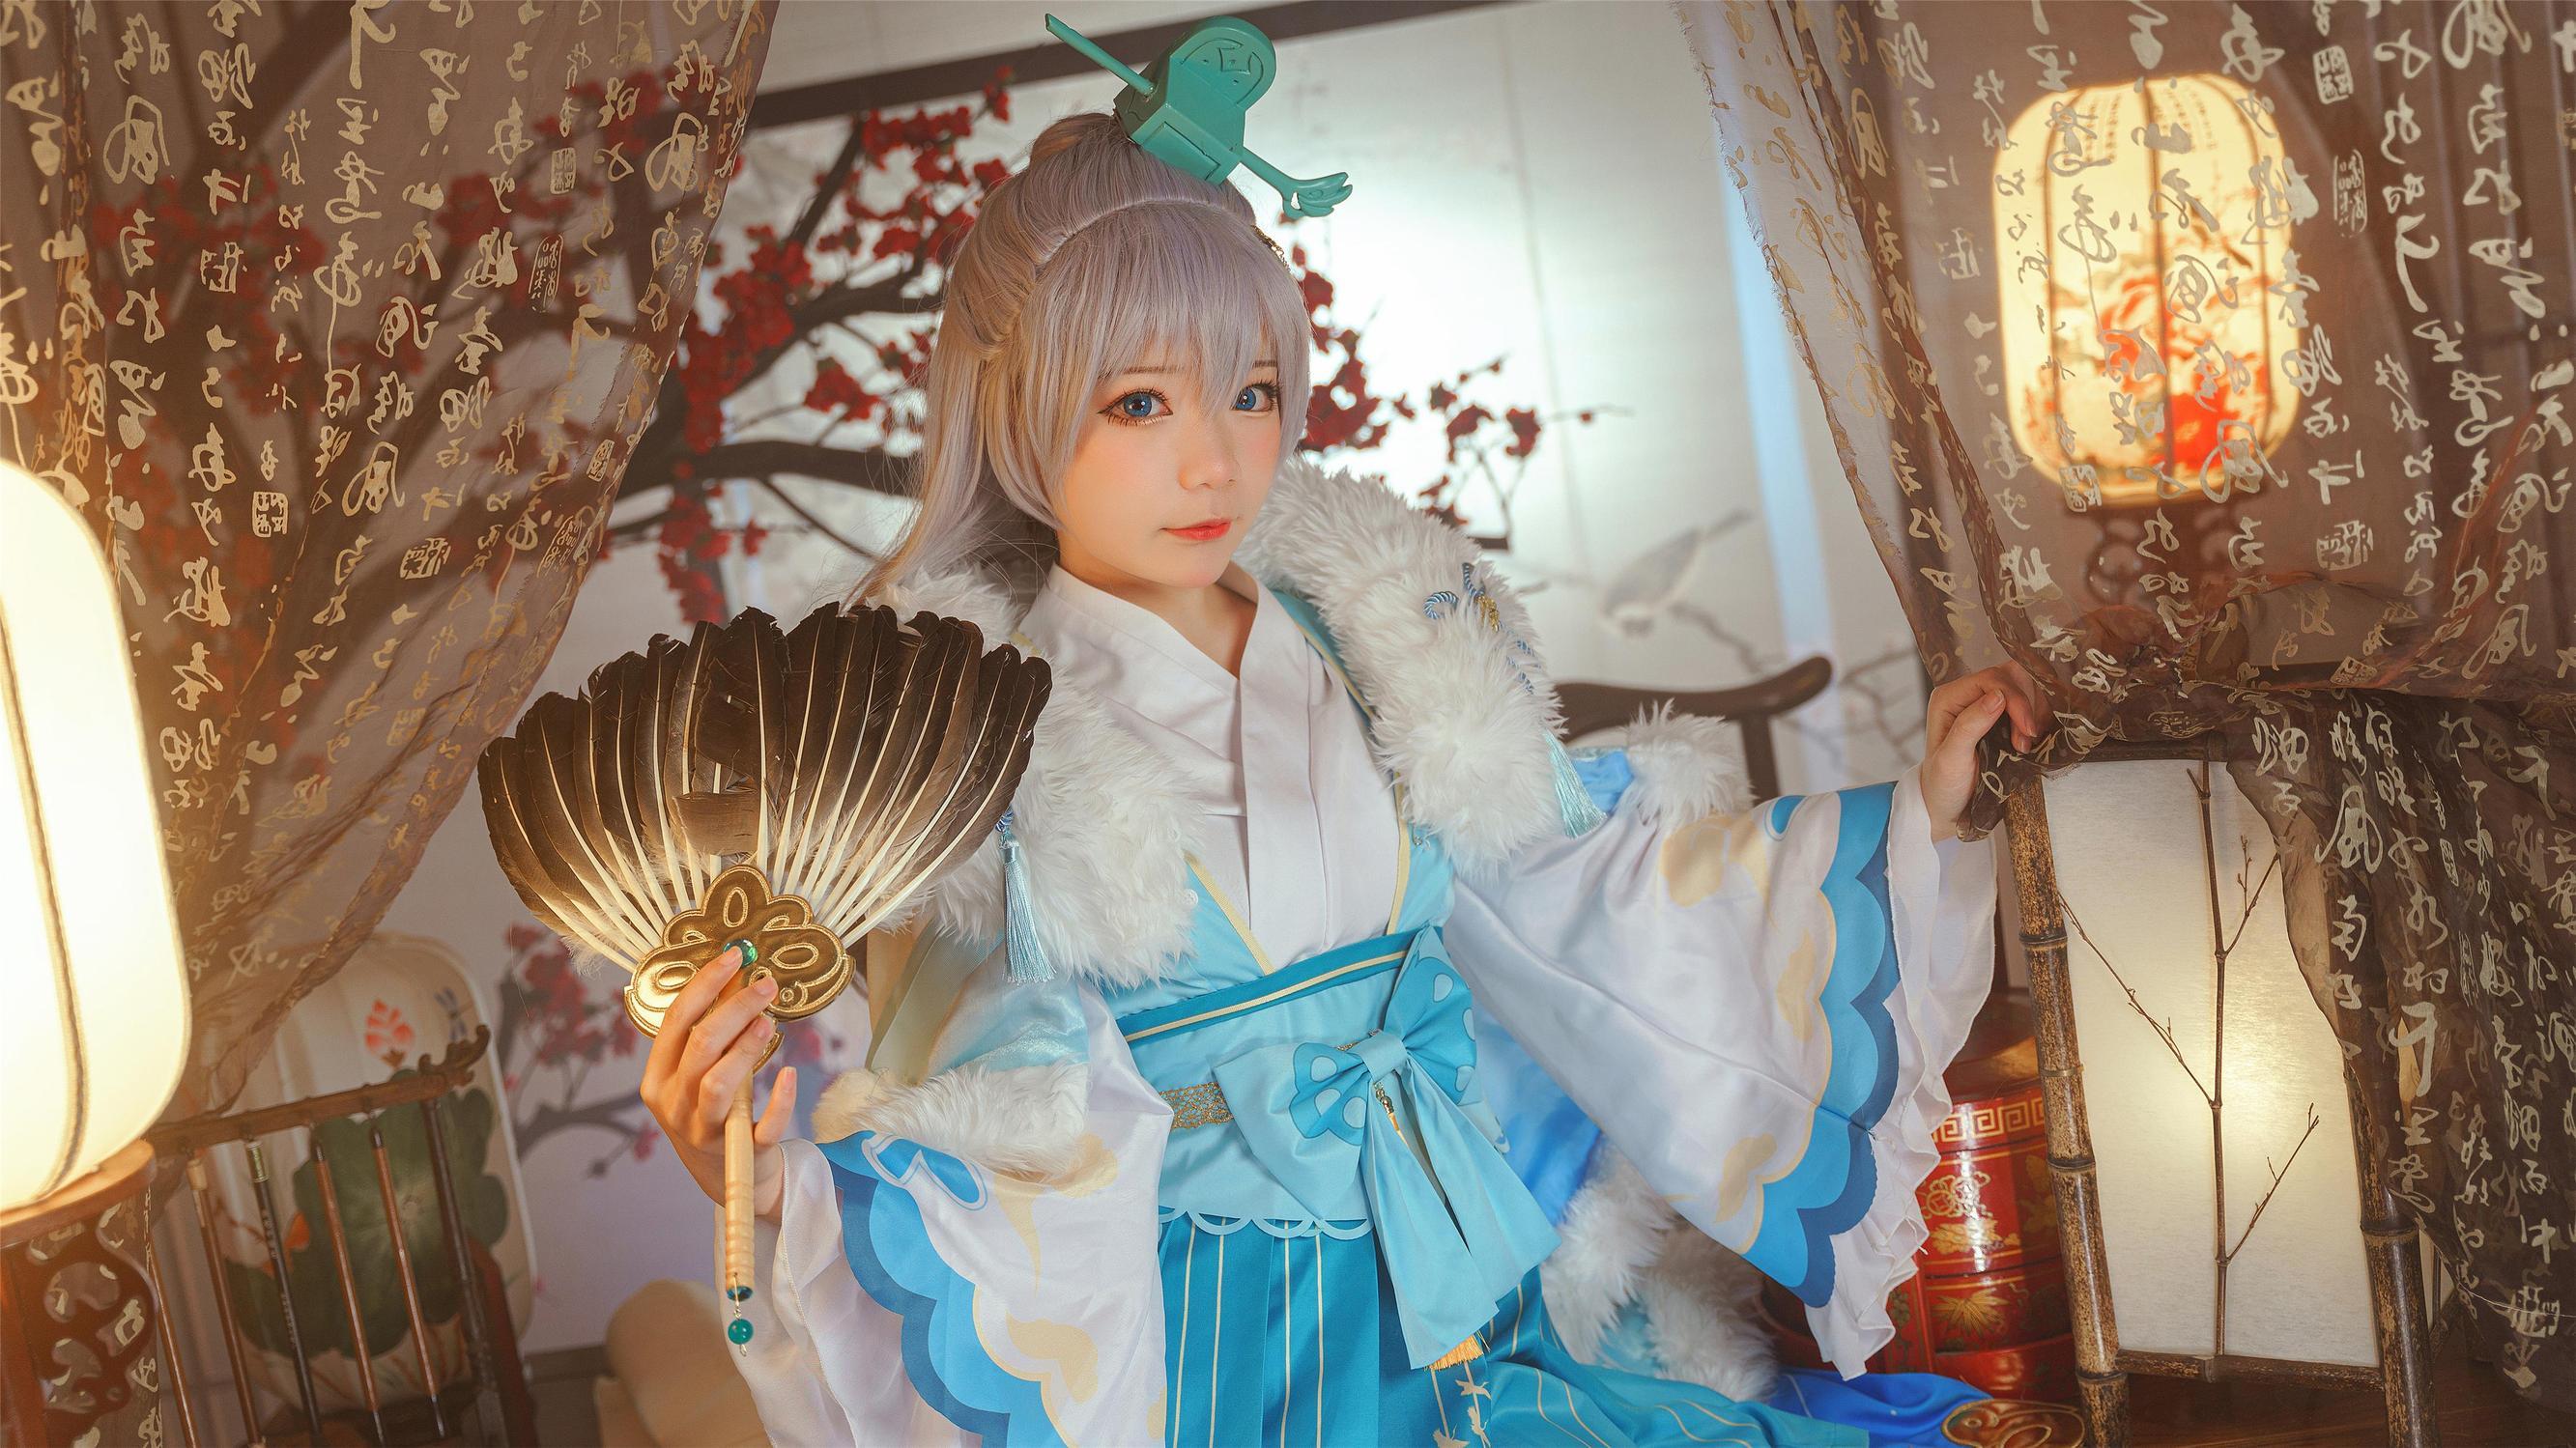 正片cosplay【CN:王胖胖u】 -cosplay刀剑价格及图片表插图